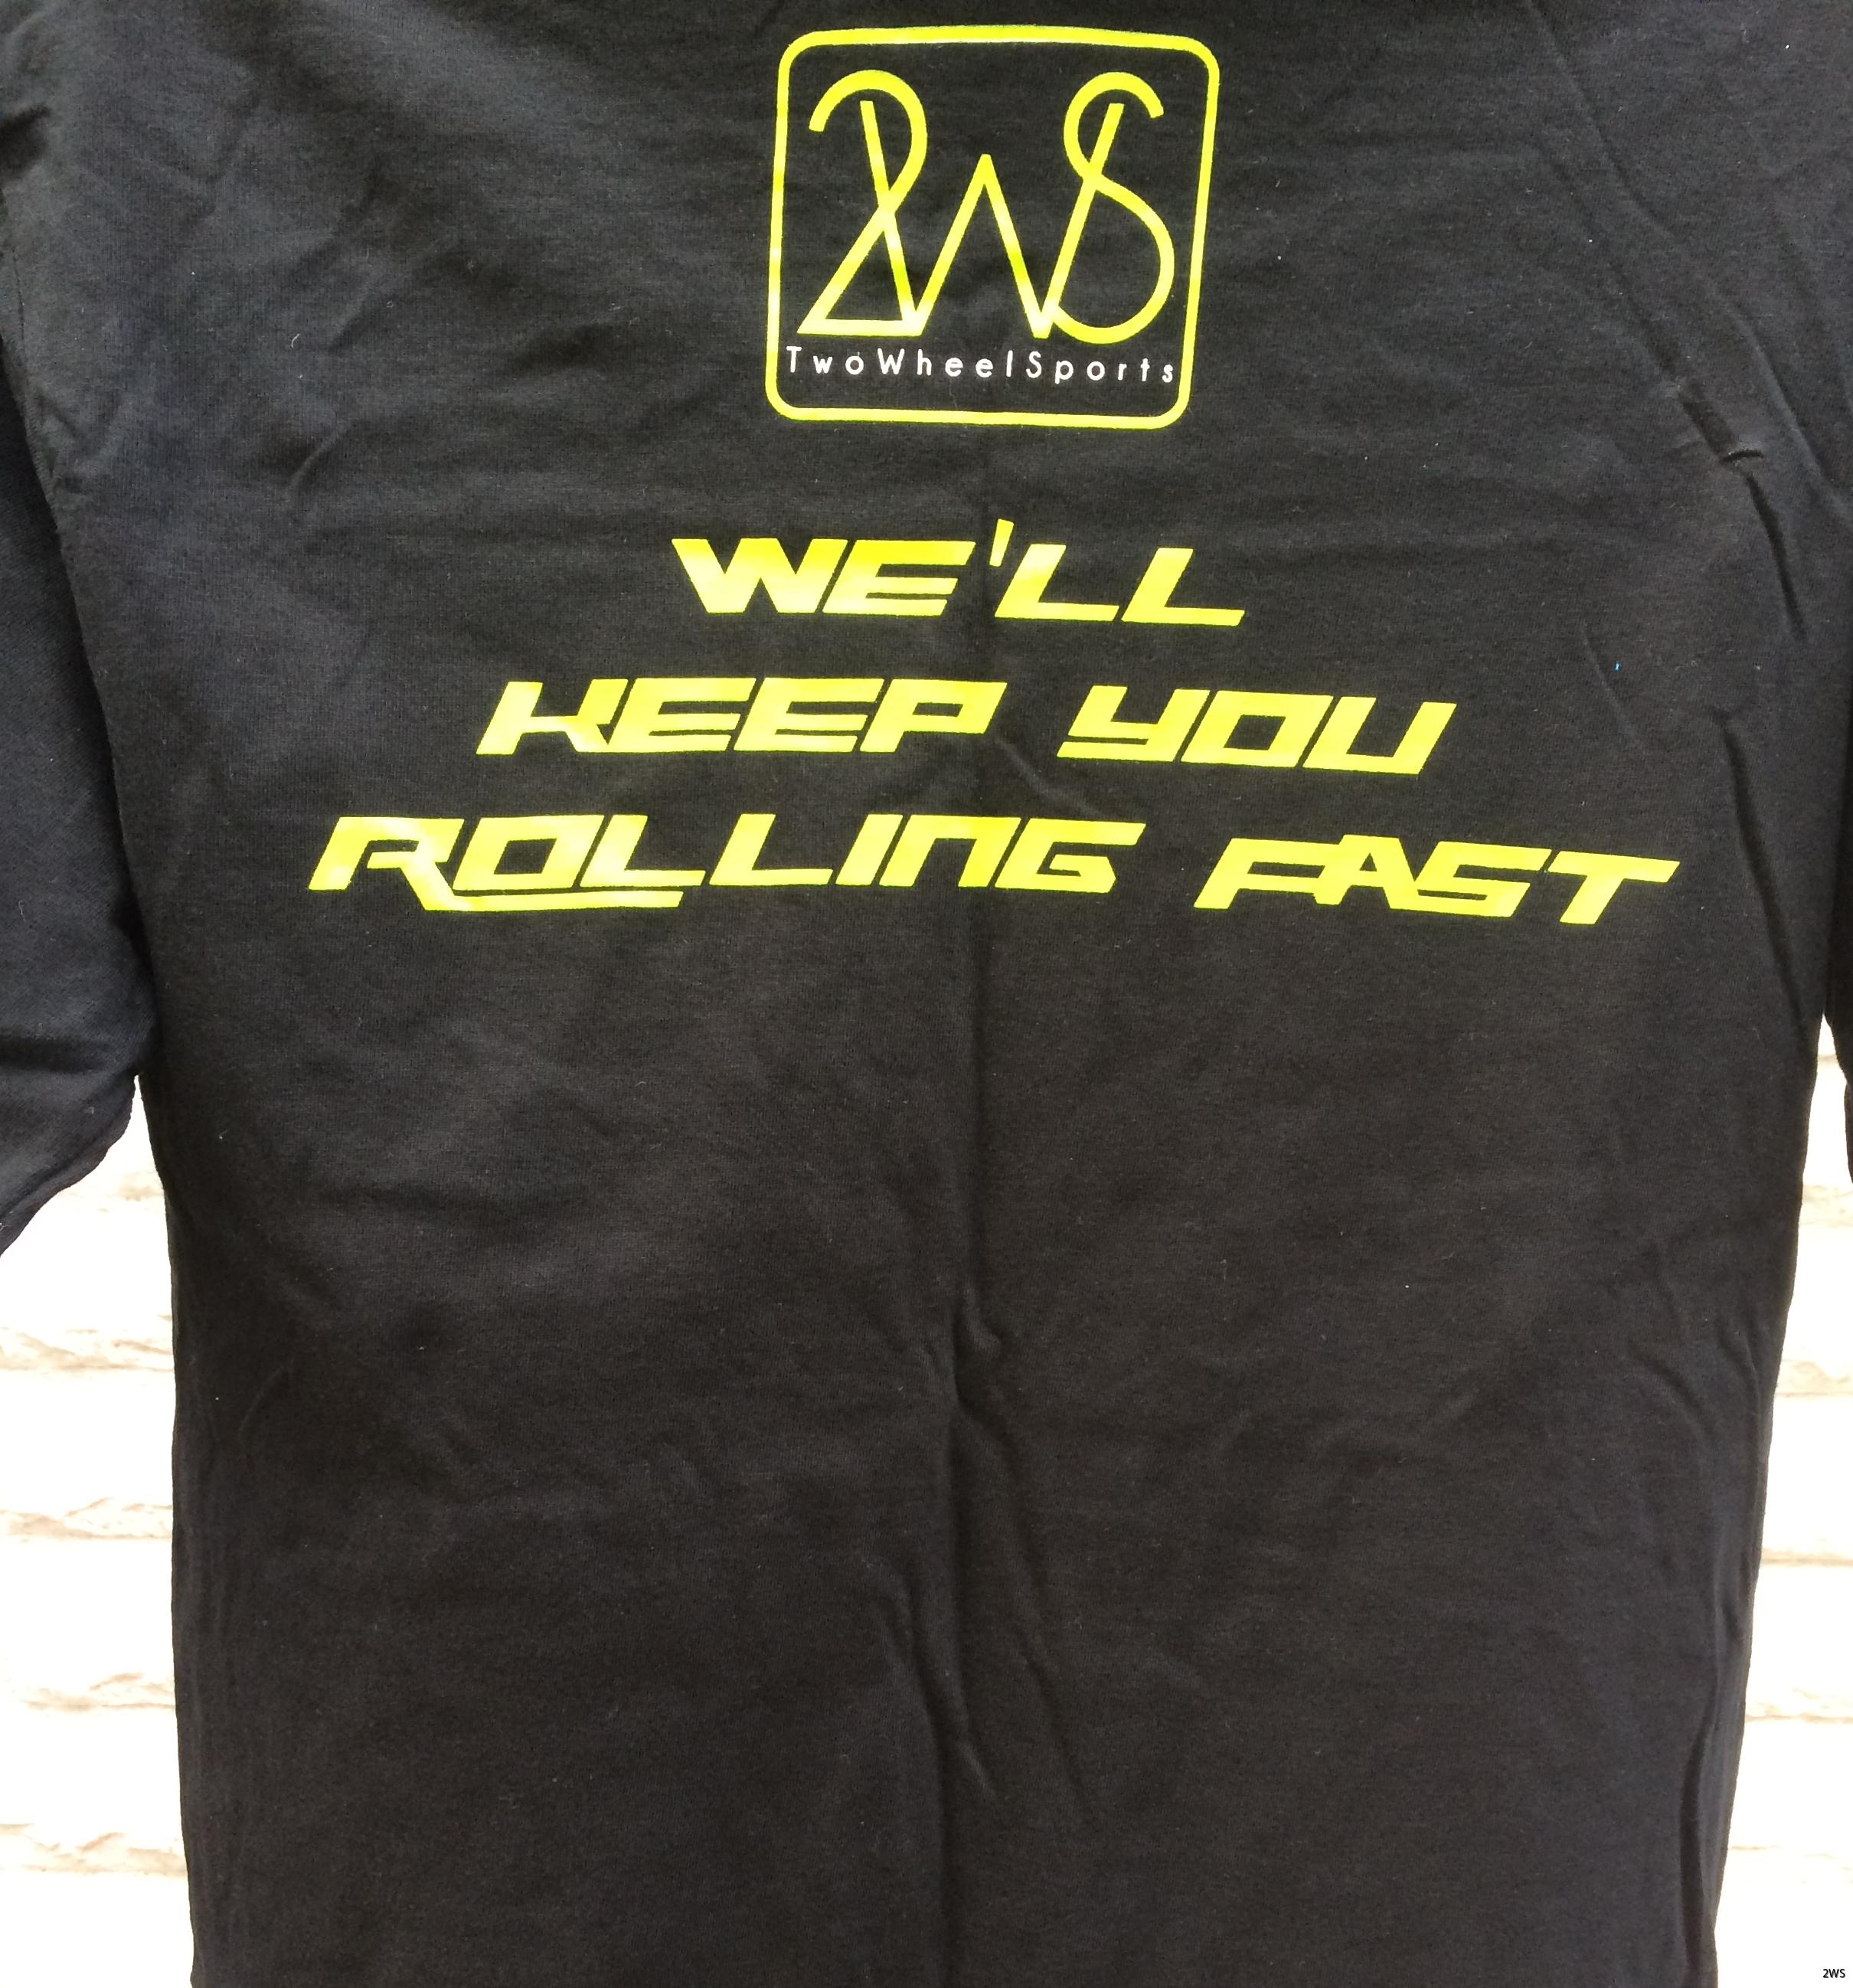 2WS-t-shirt_bak